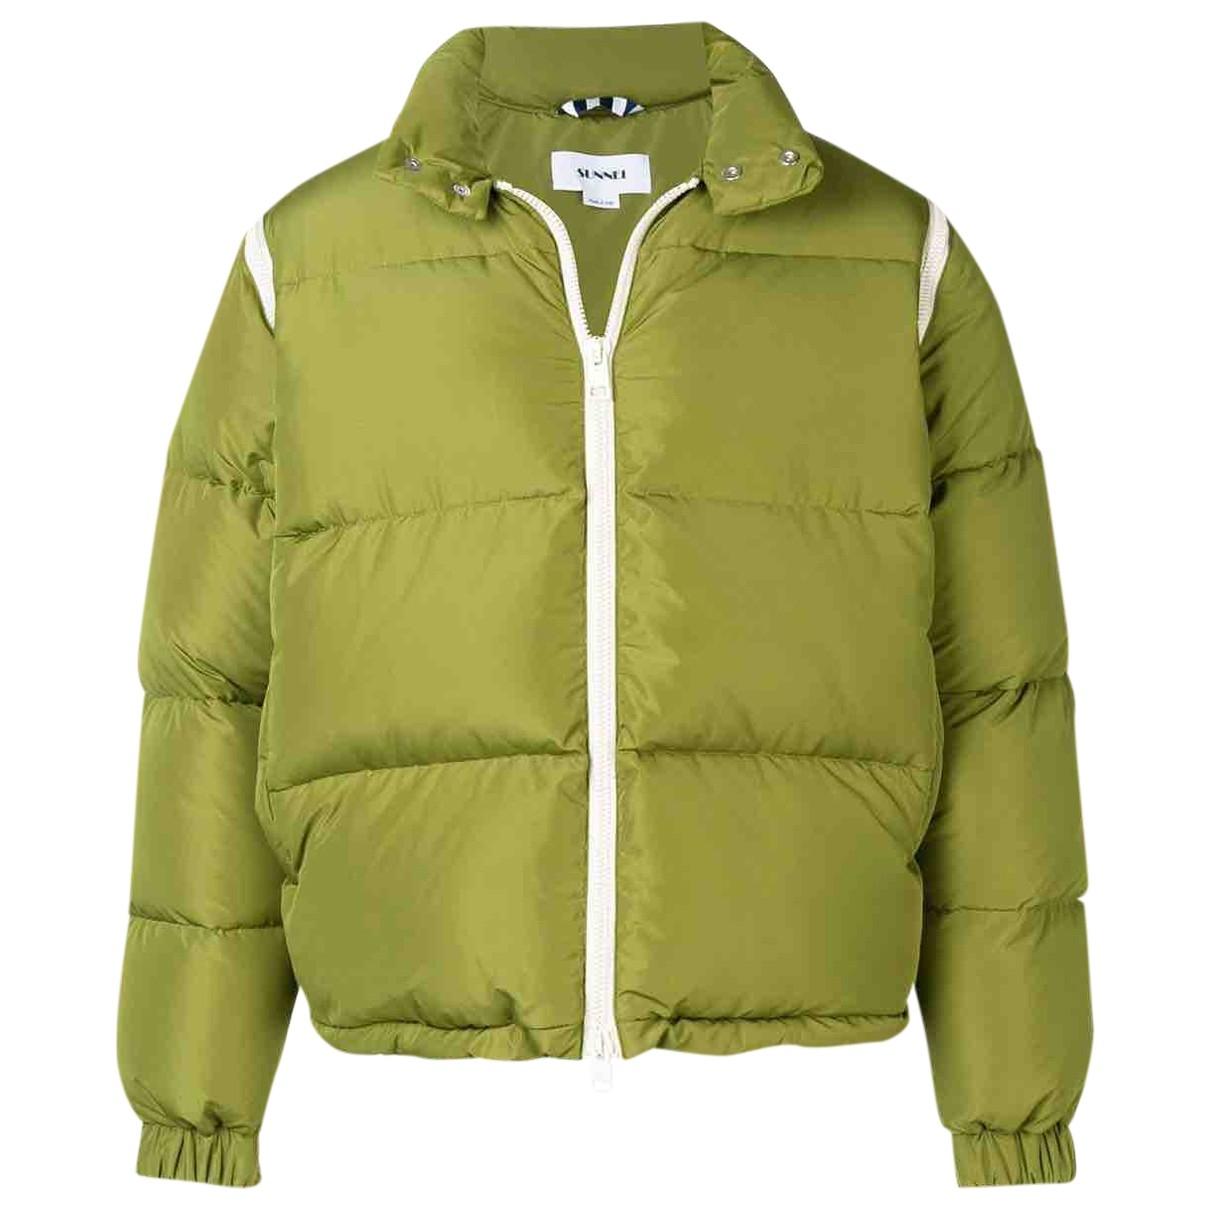 Sunnei \N Green coat  for Men M International